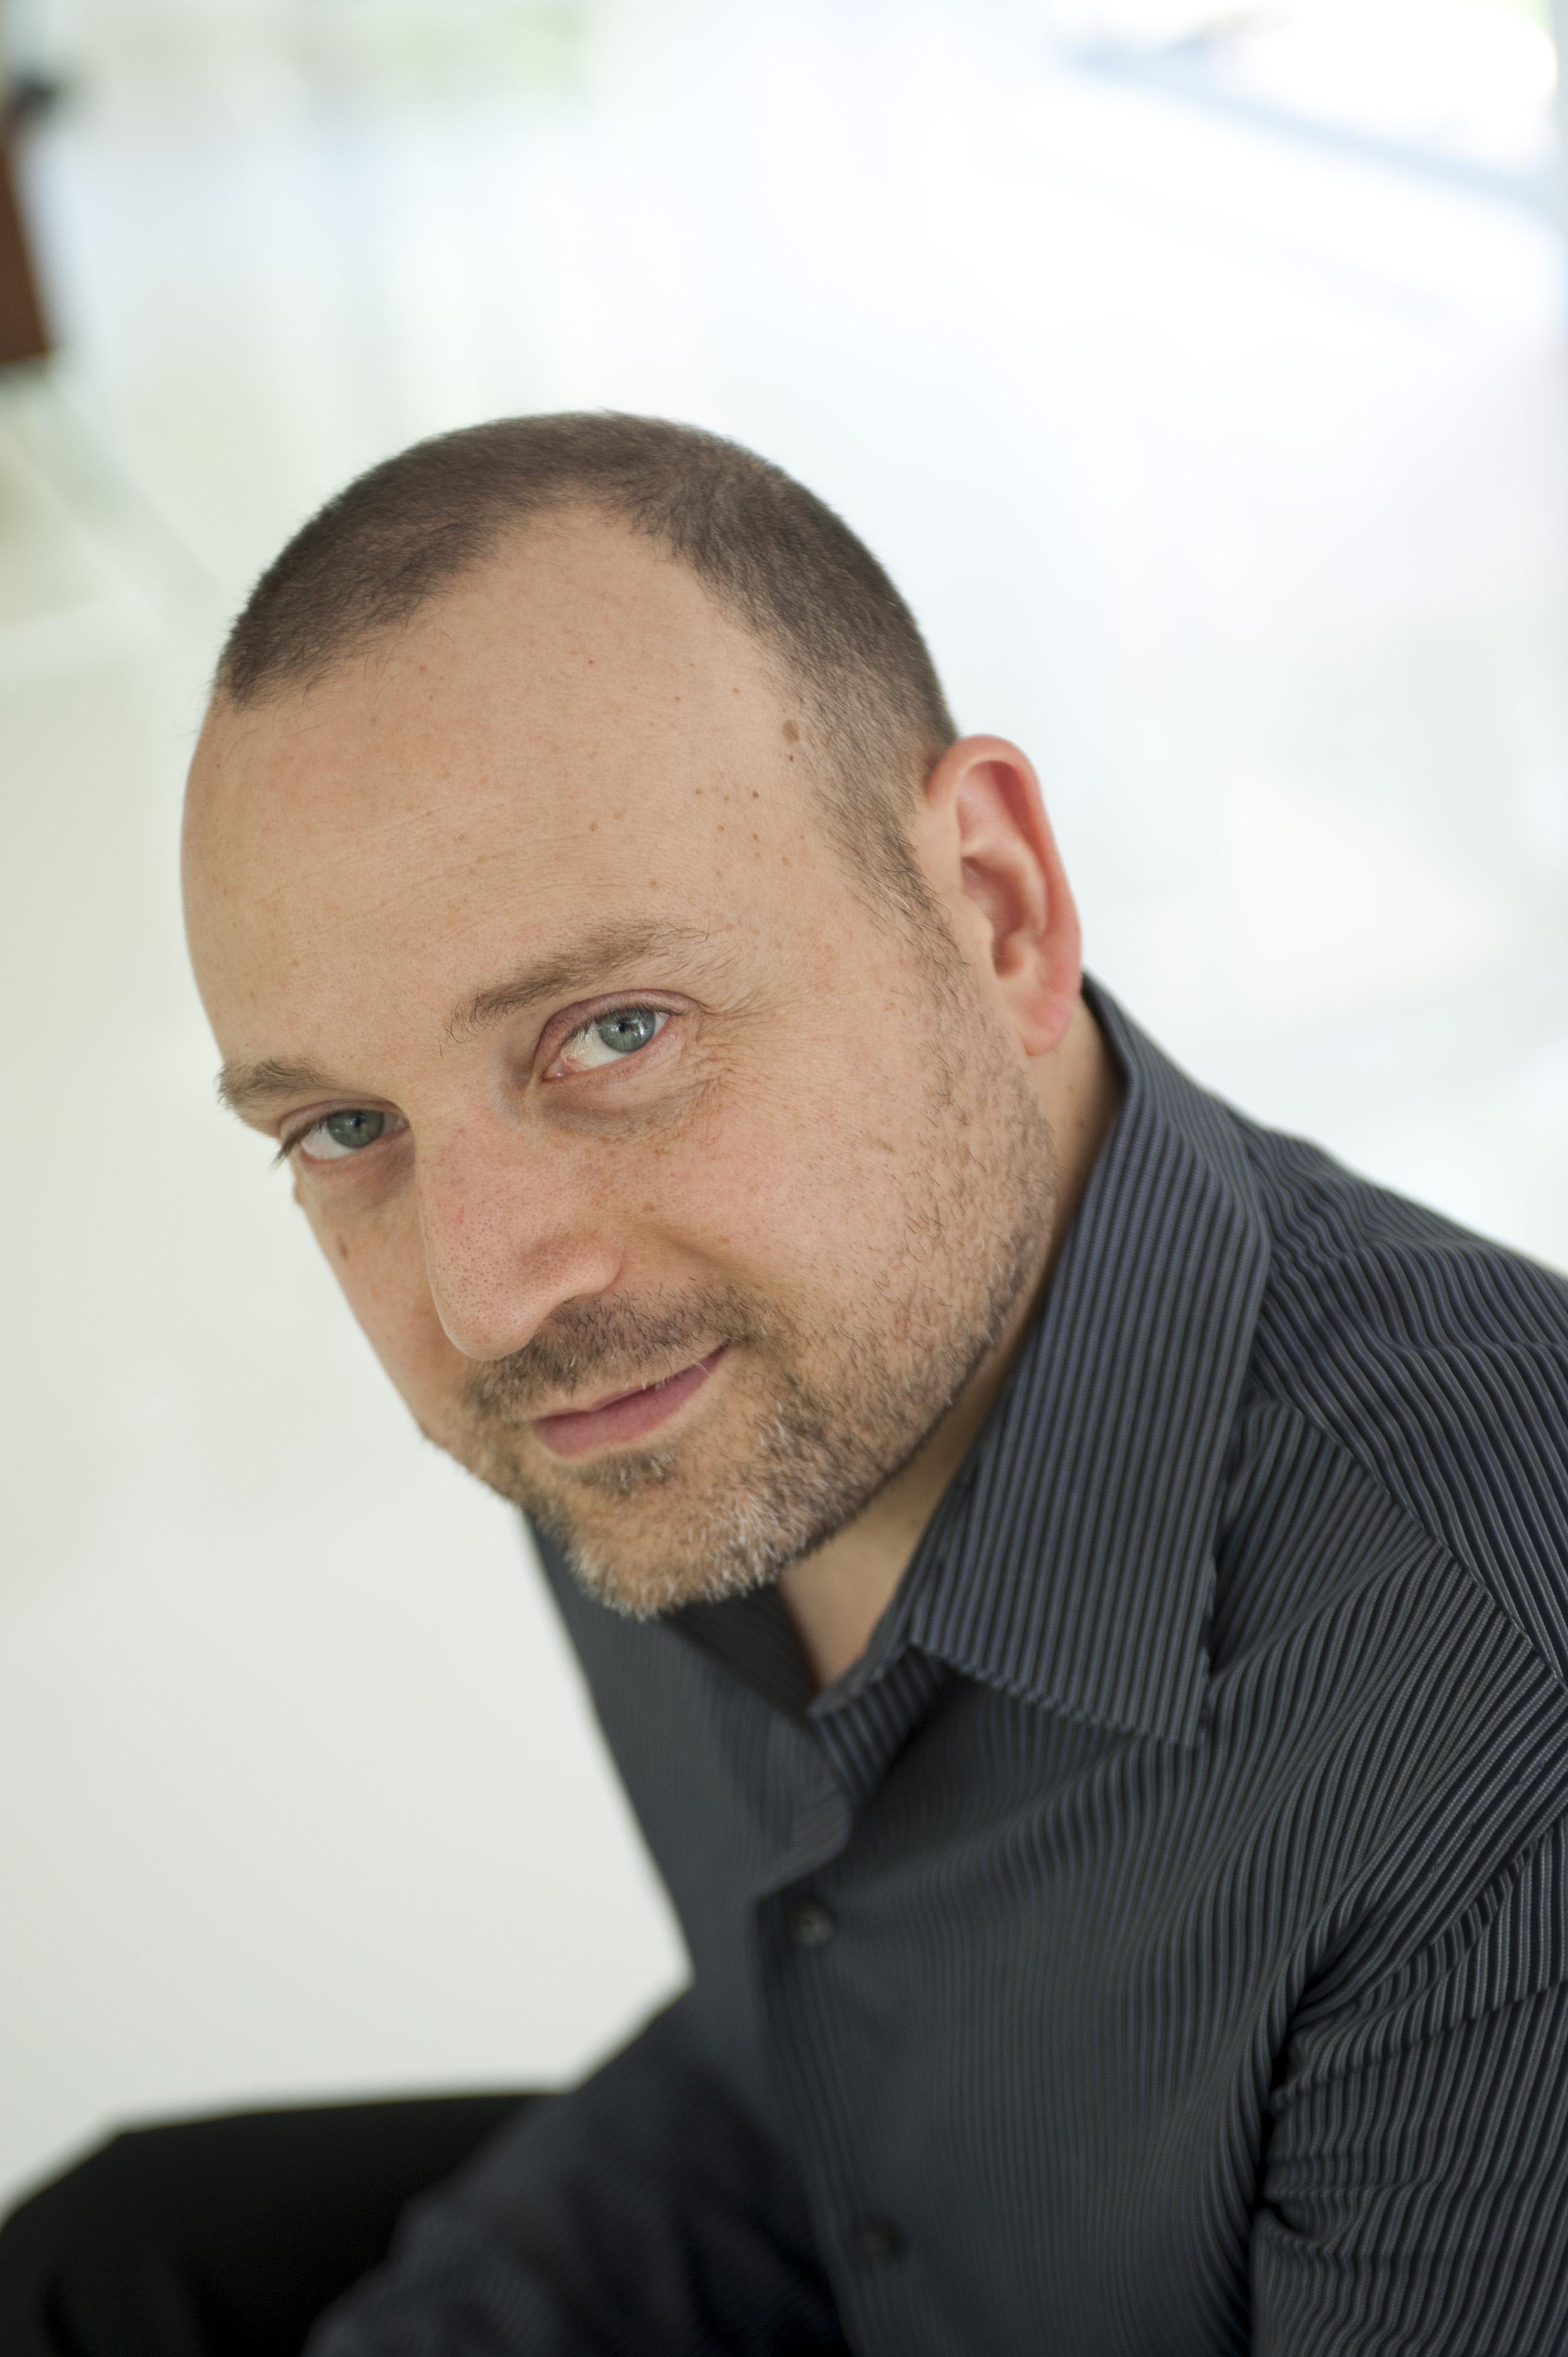 Derek Bermel